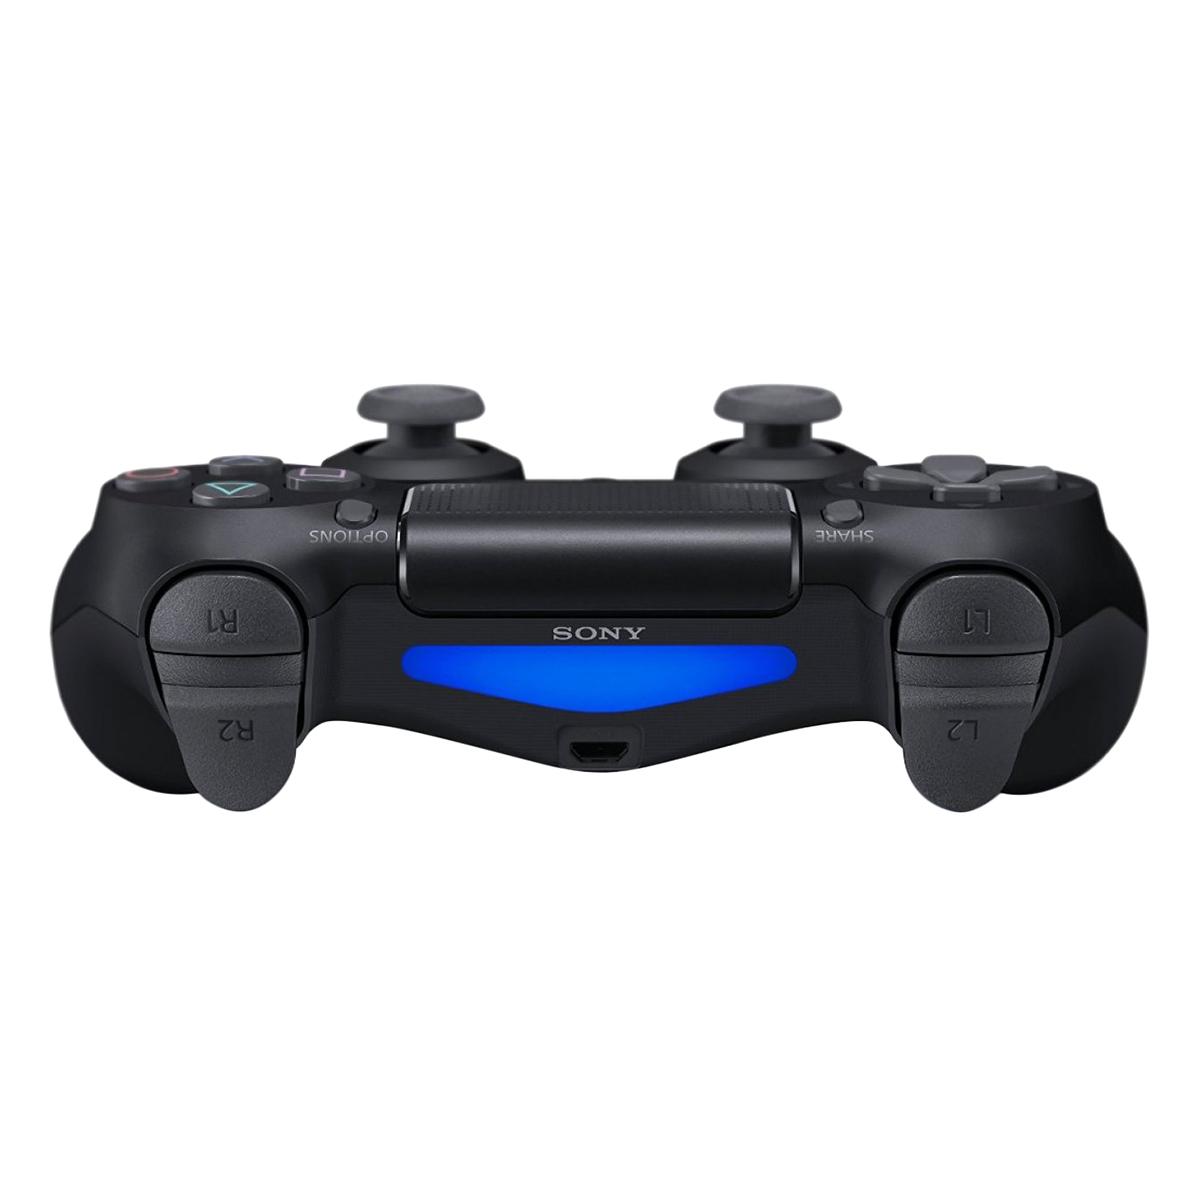 Tay Cầm Chơi Game Dualshock 4 CUH-ZCT2G - Hàng Chính Hãng